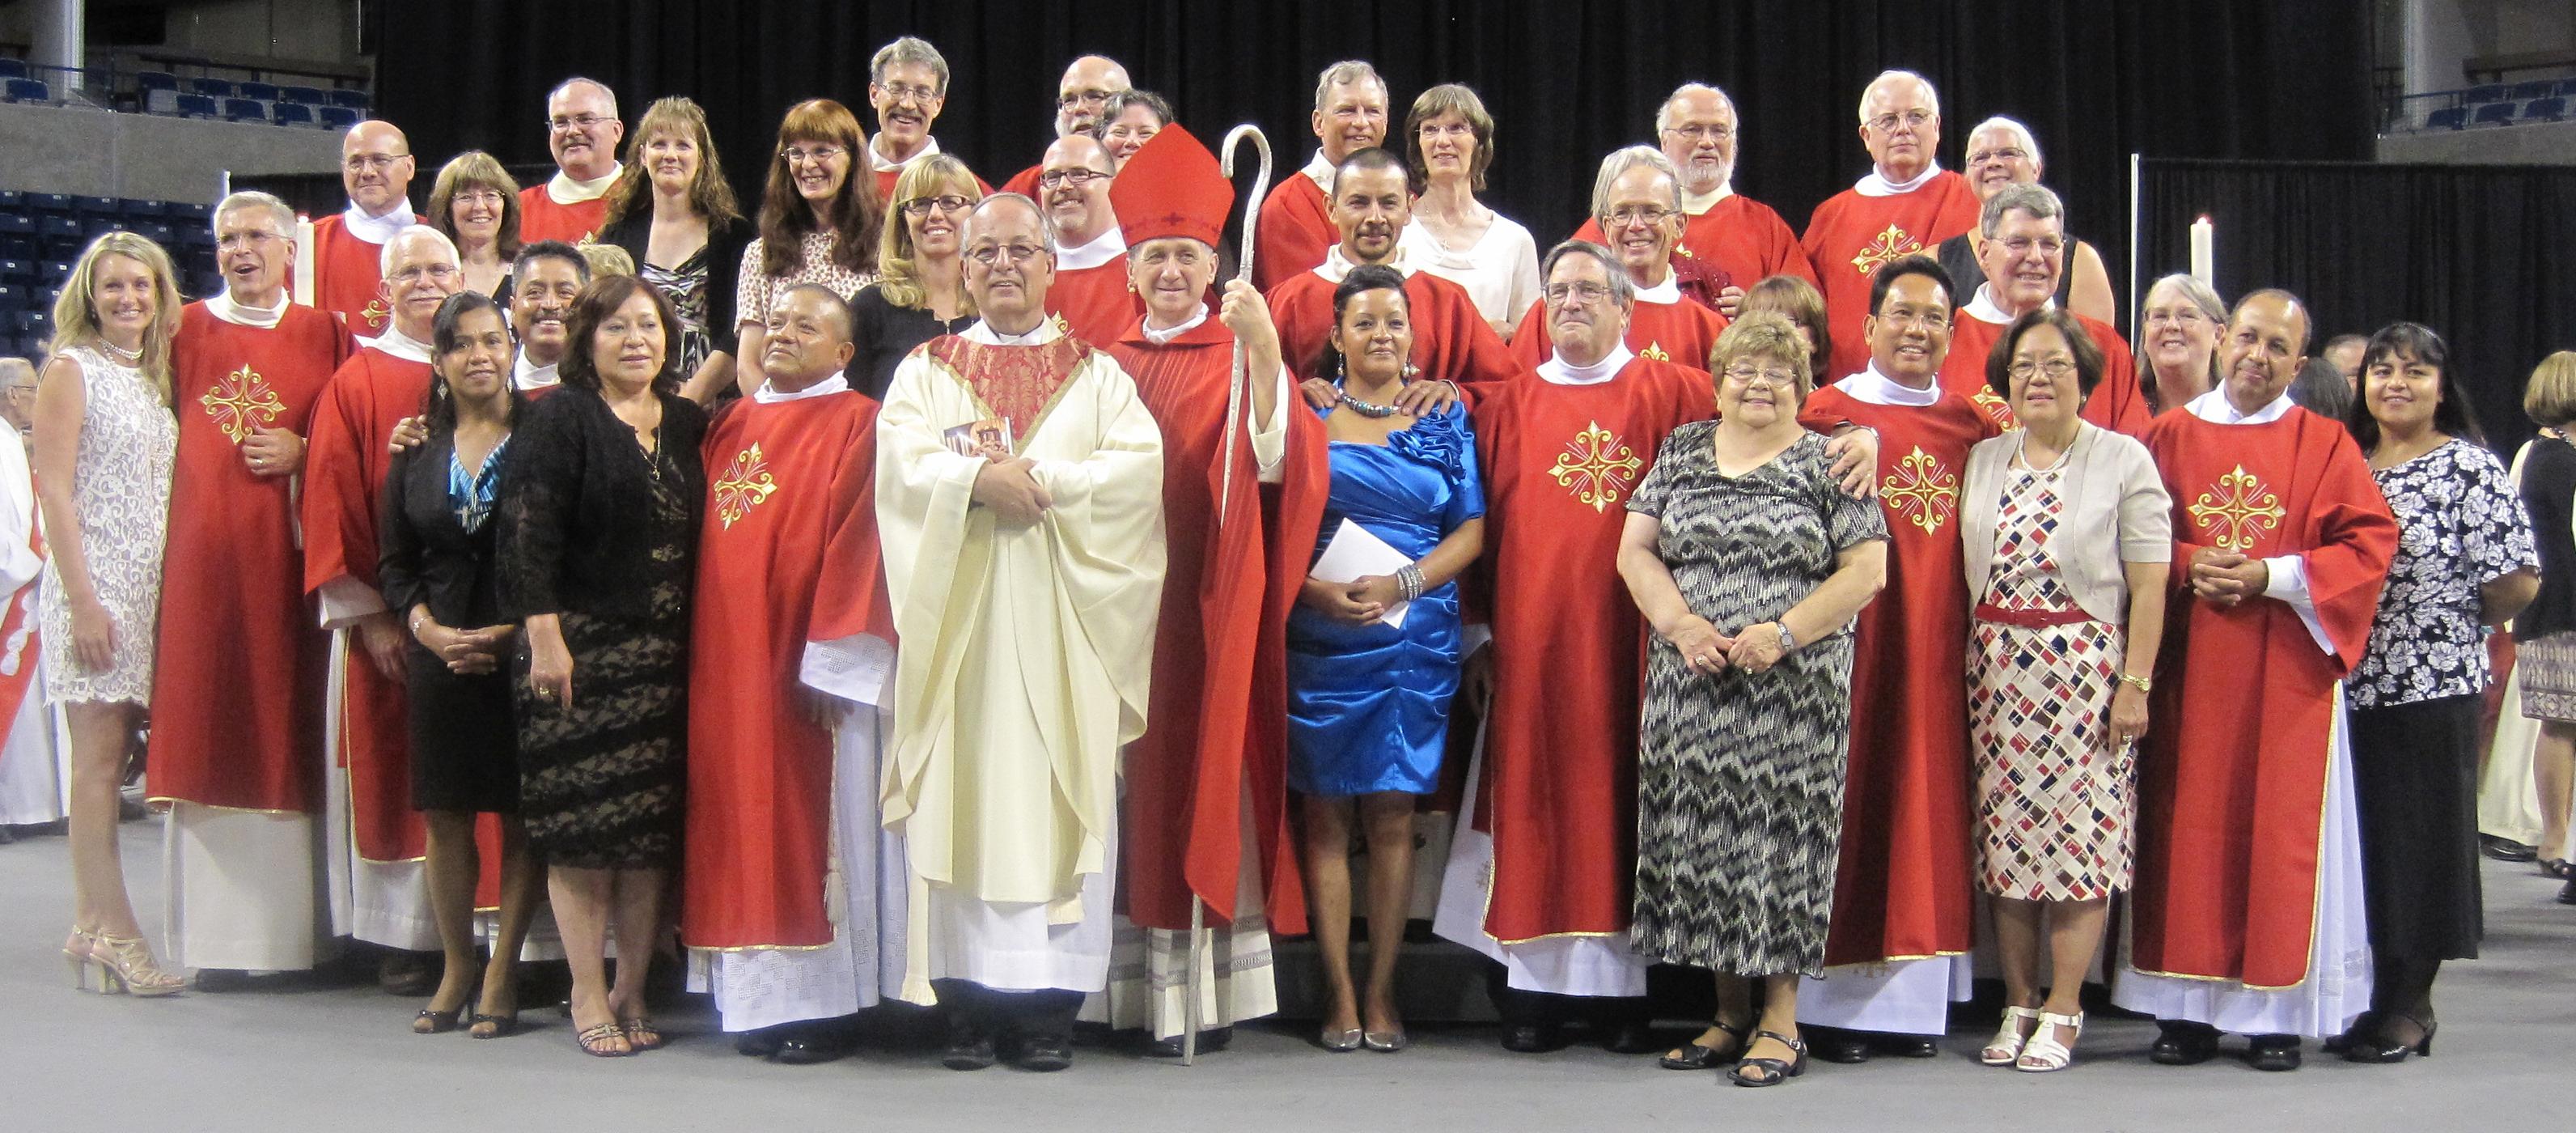 Spokane Deacon Class 2012